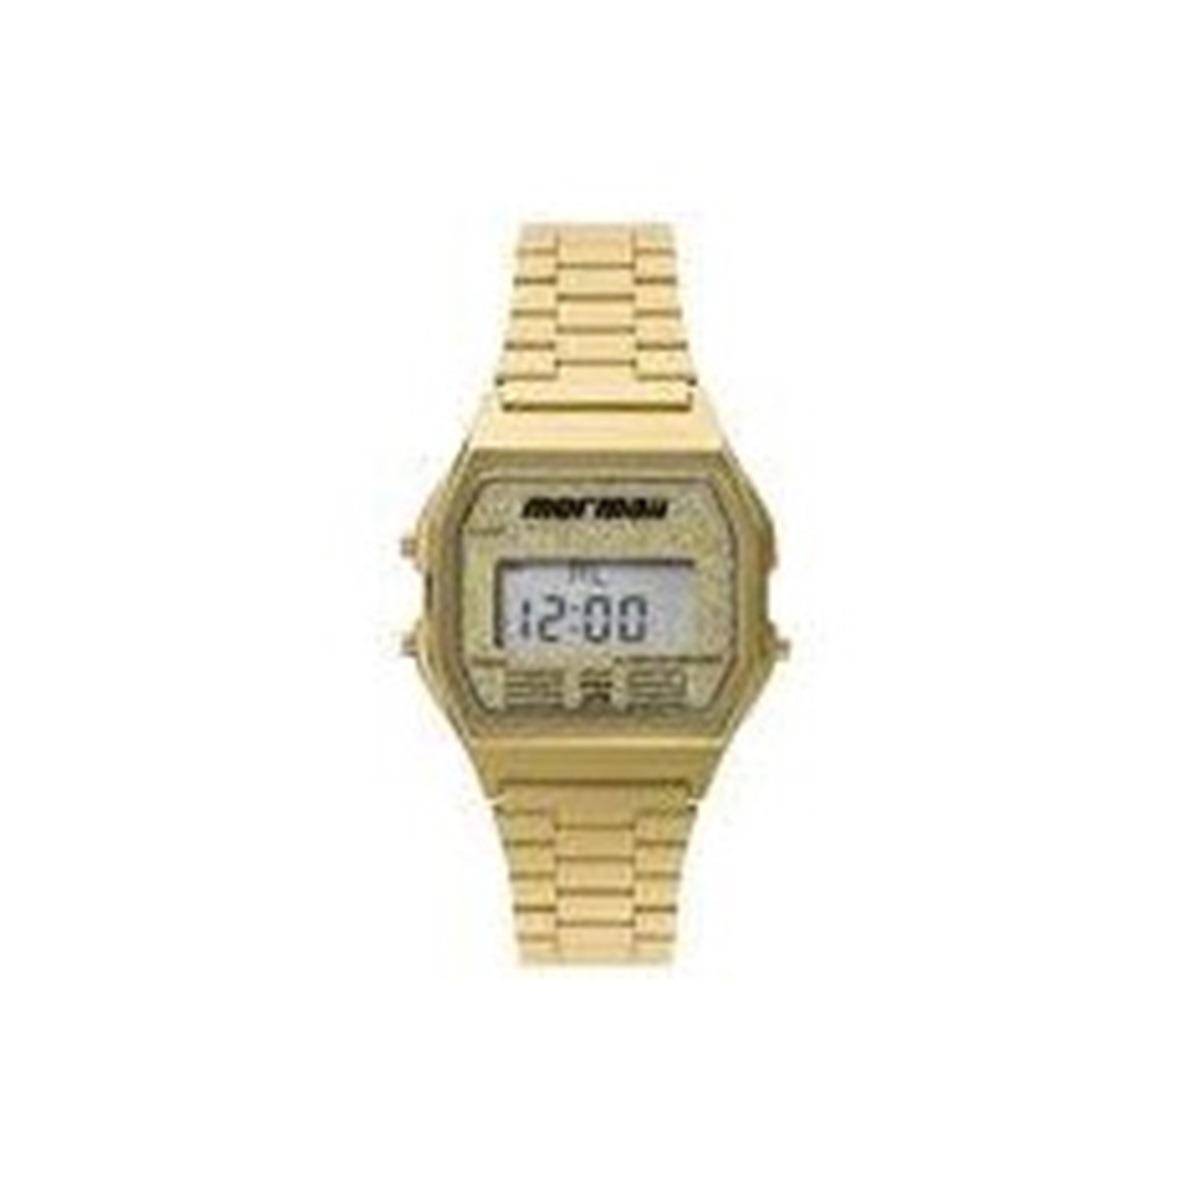 fc1b75b736b7e relógio mormaii vintage feminino dourado digital mojh02ad 4b. Carregando  zoom.